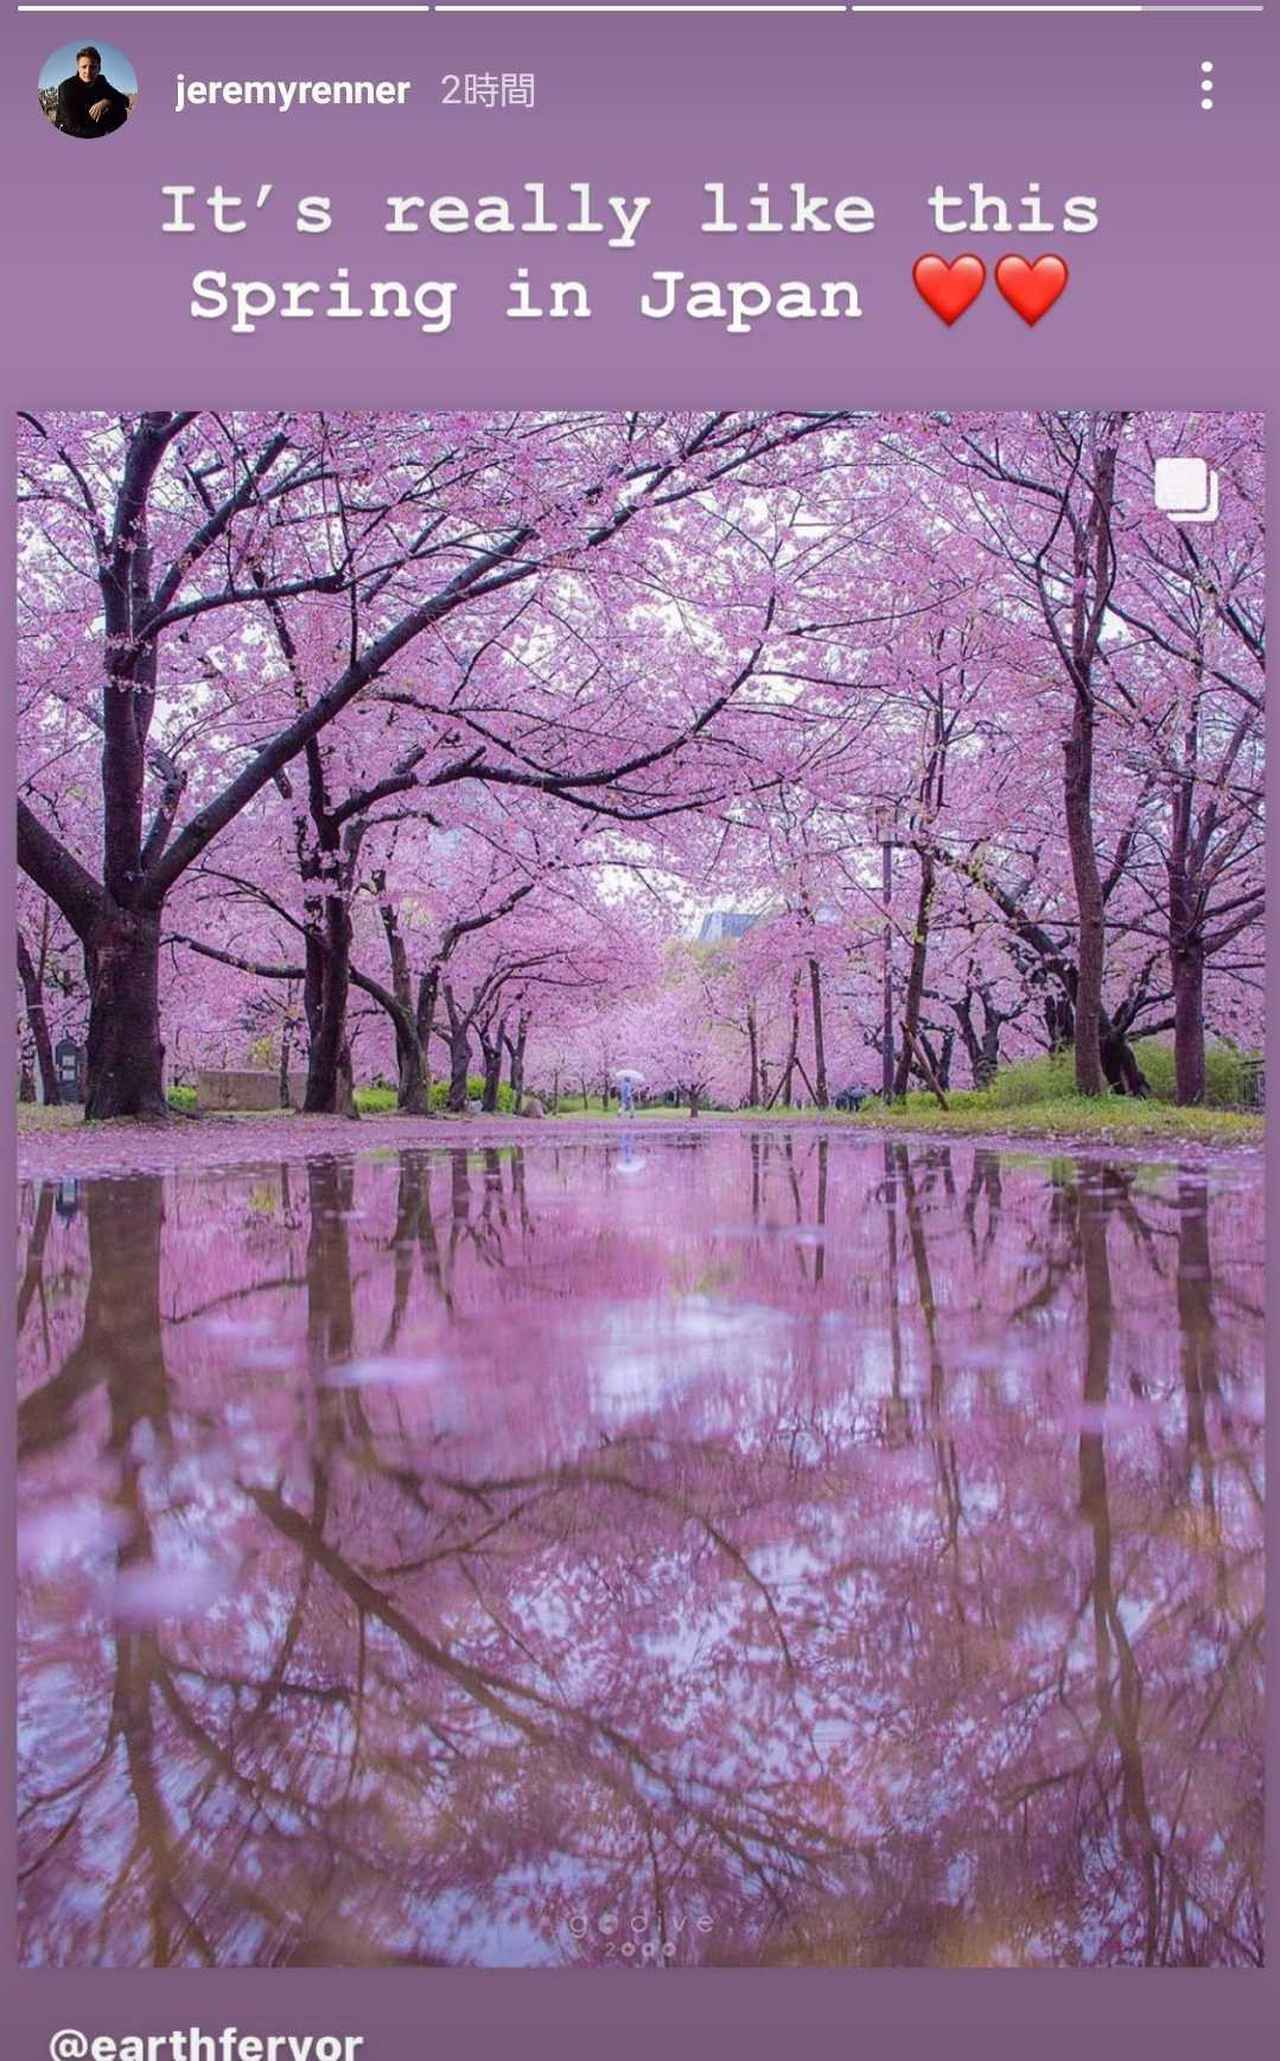 画像3: ジェレミー・レナーが桜満開の景色に感動